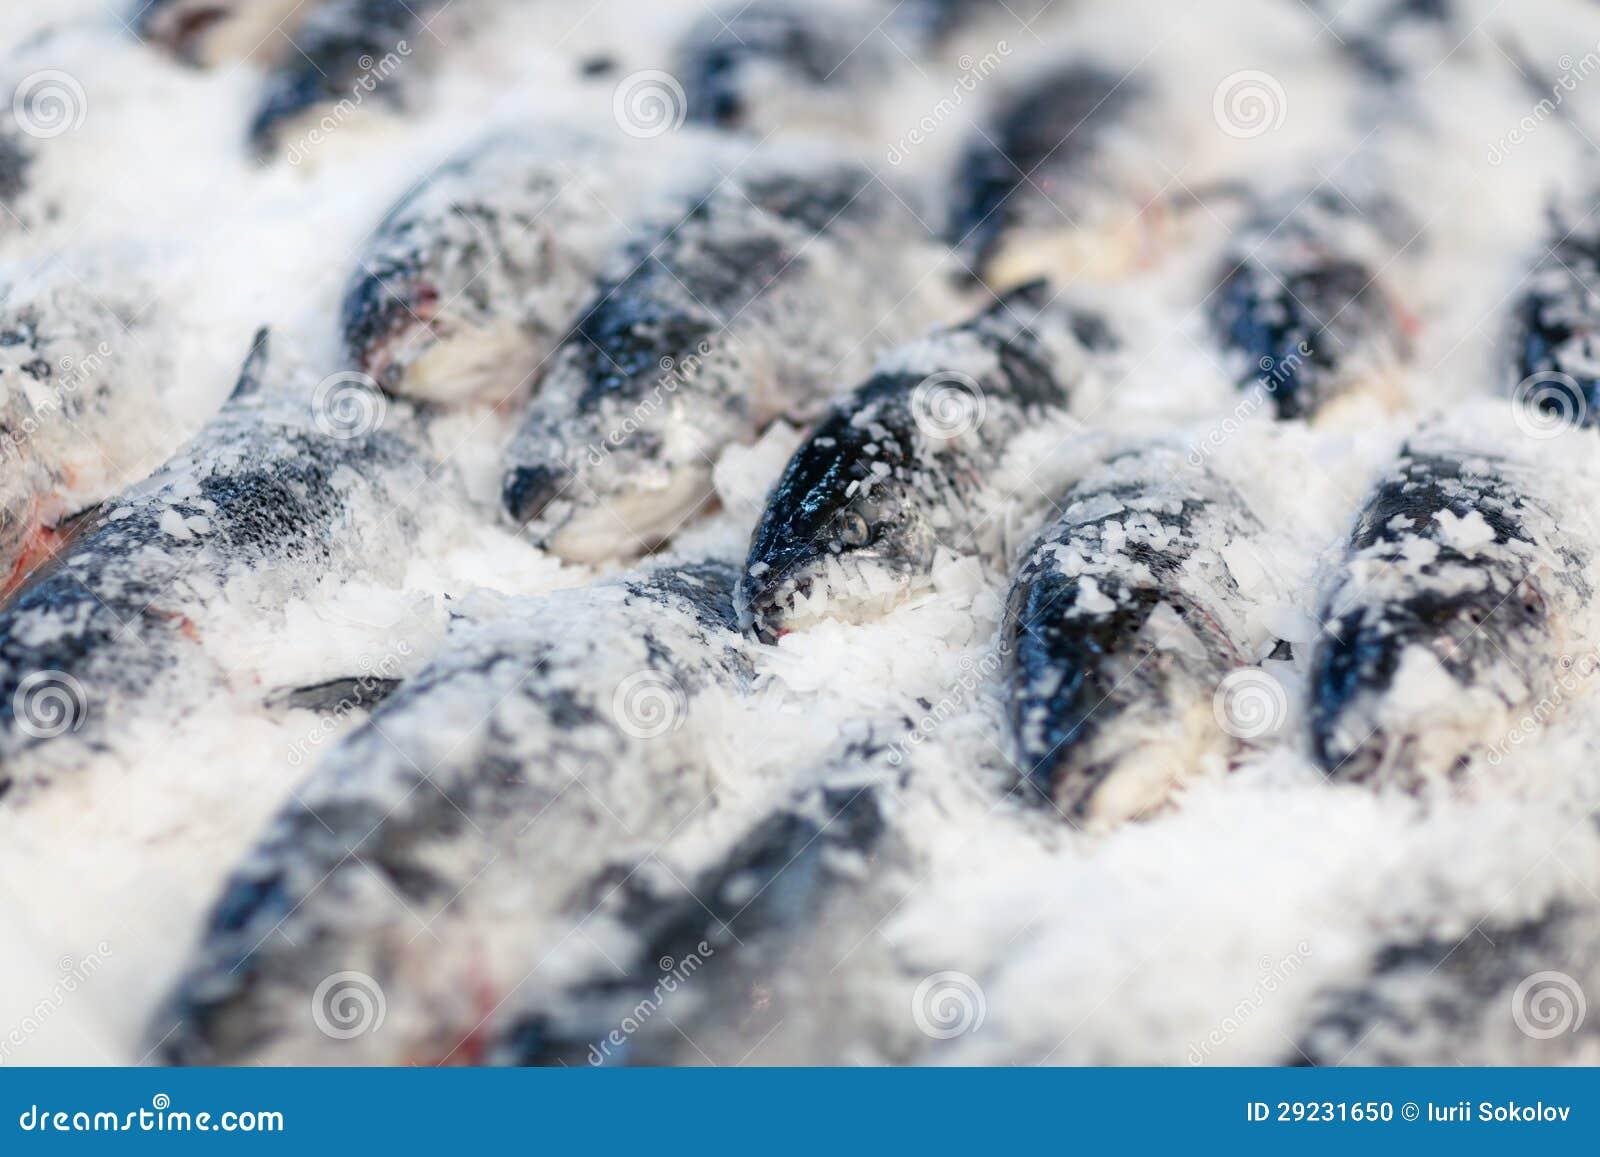 Download Peixes frescos no gelo foto de stock. Imagem de peixes - 29231650